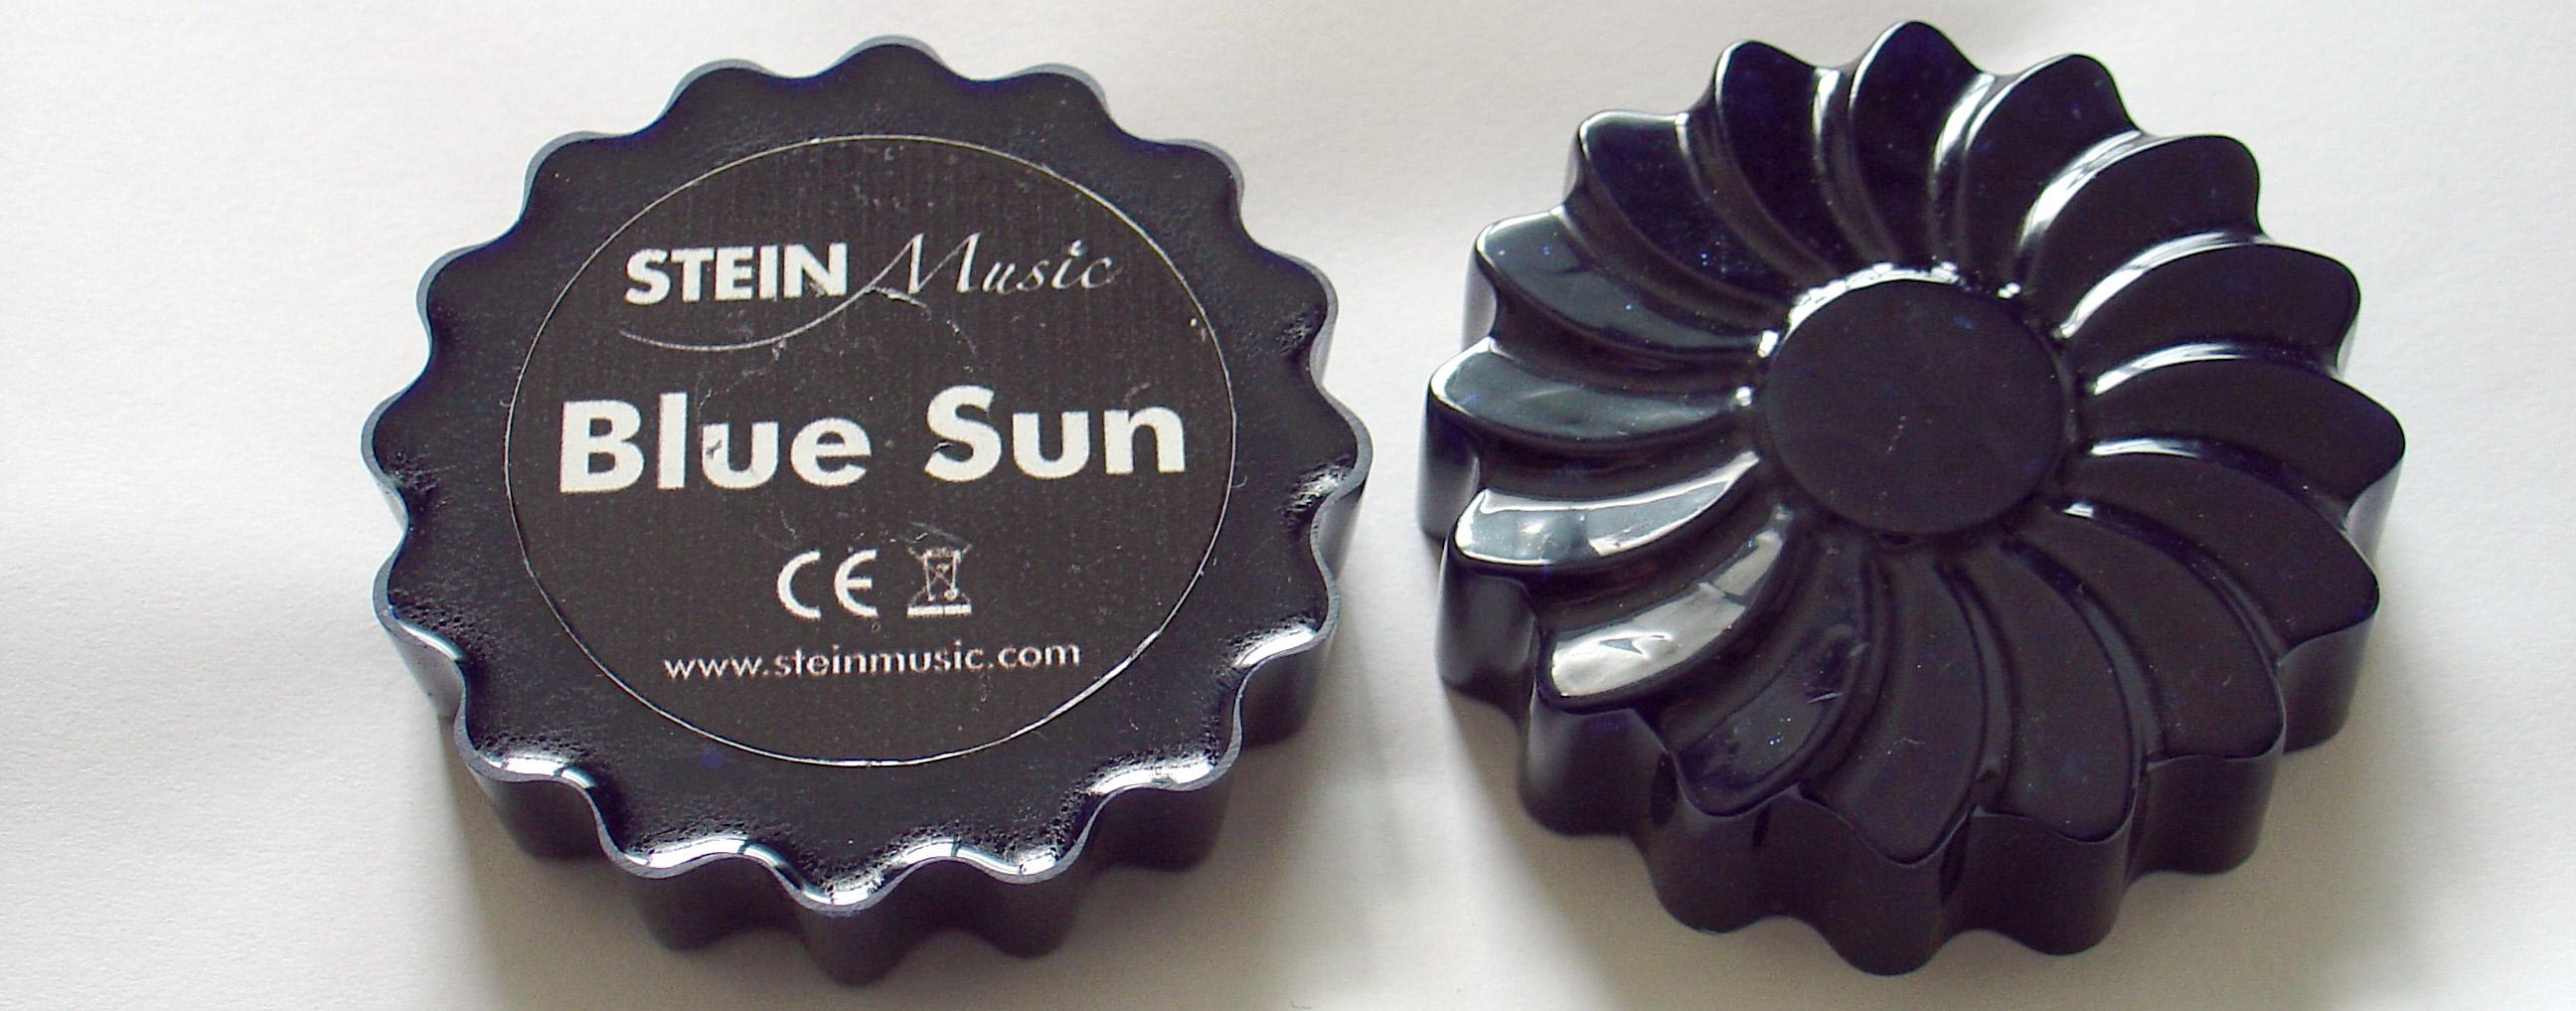 Steinmusic Blue Suns